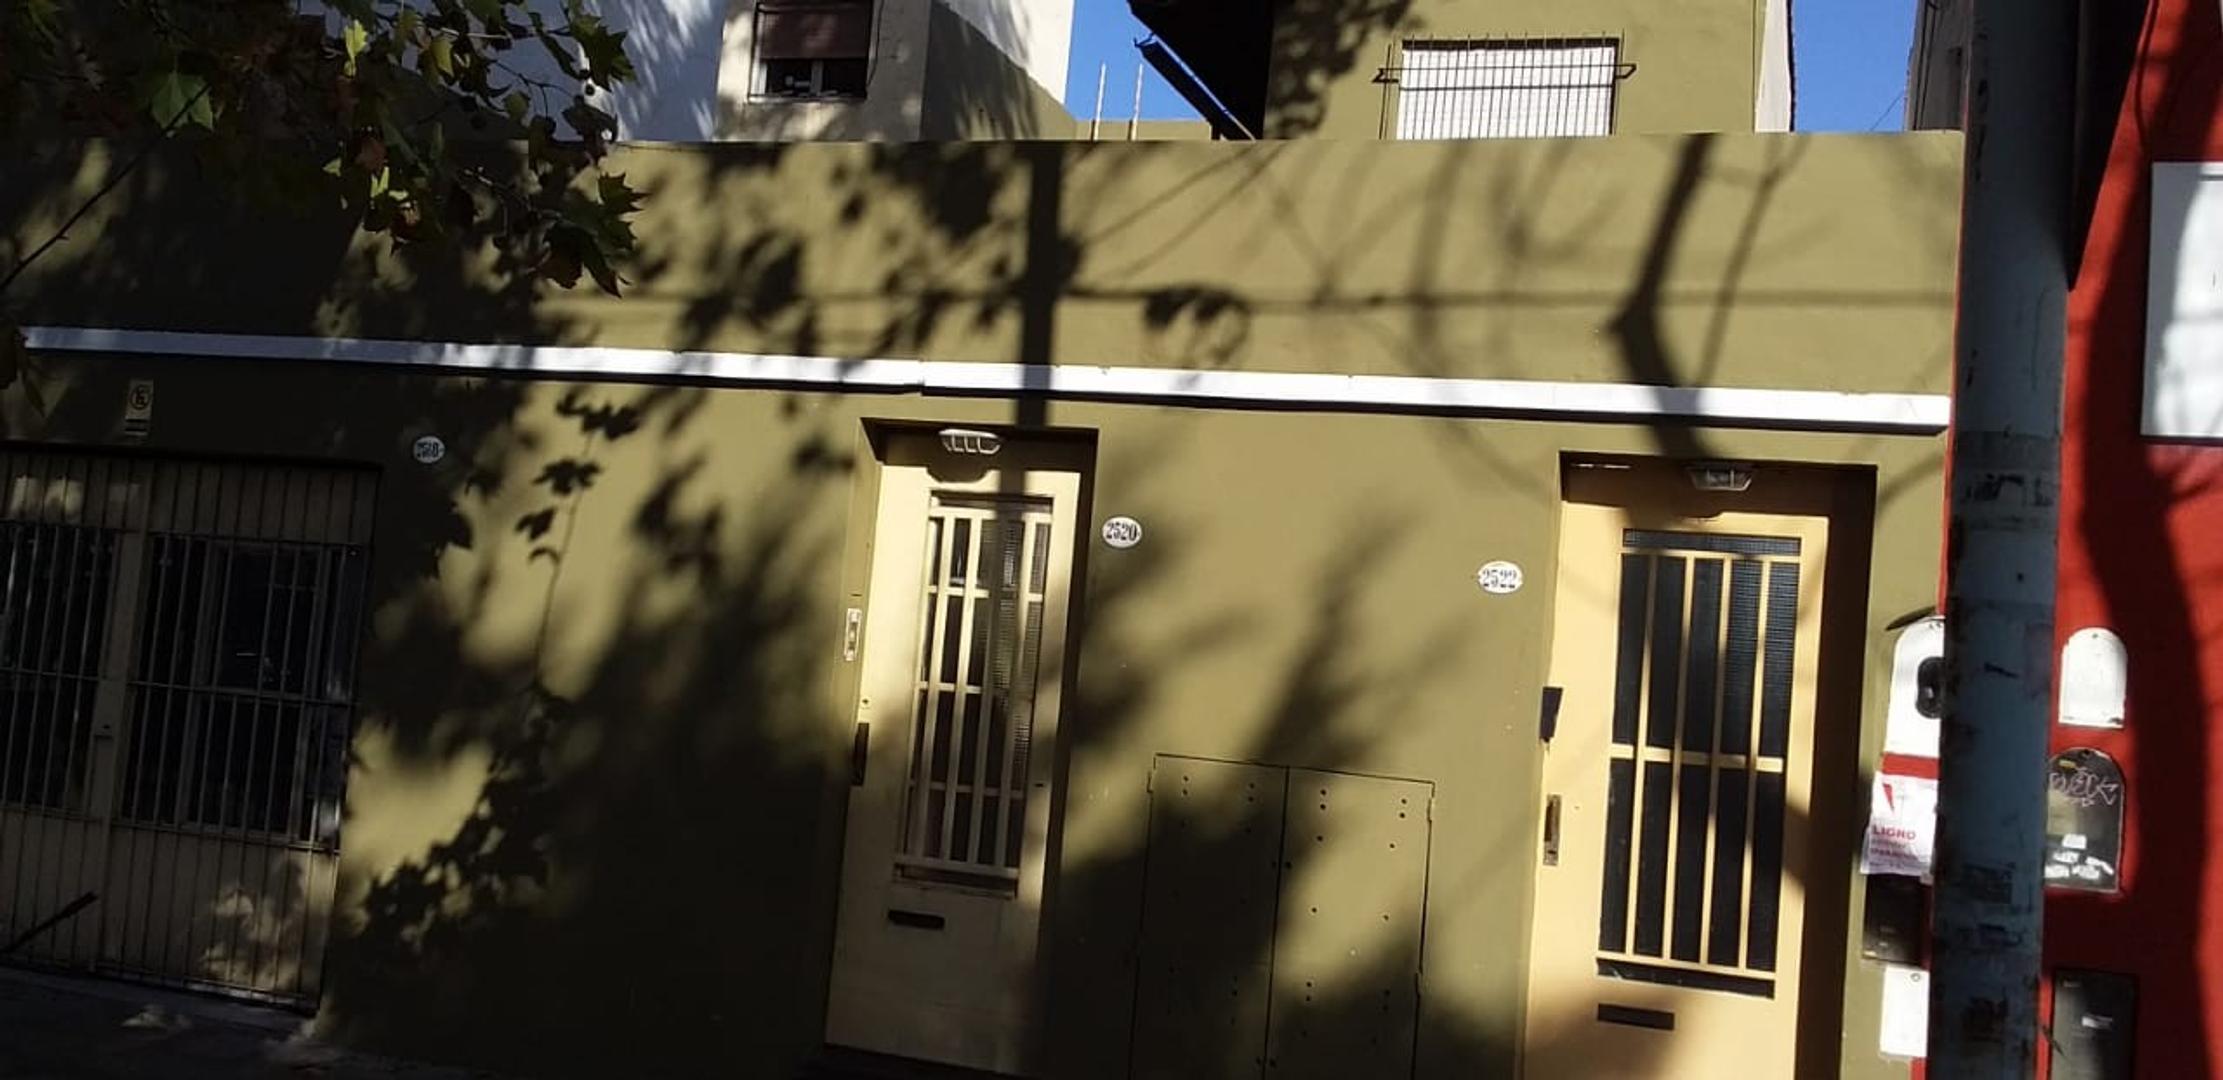 Ph en Venta en Villa del Parque - 5 ambientes